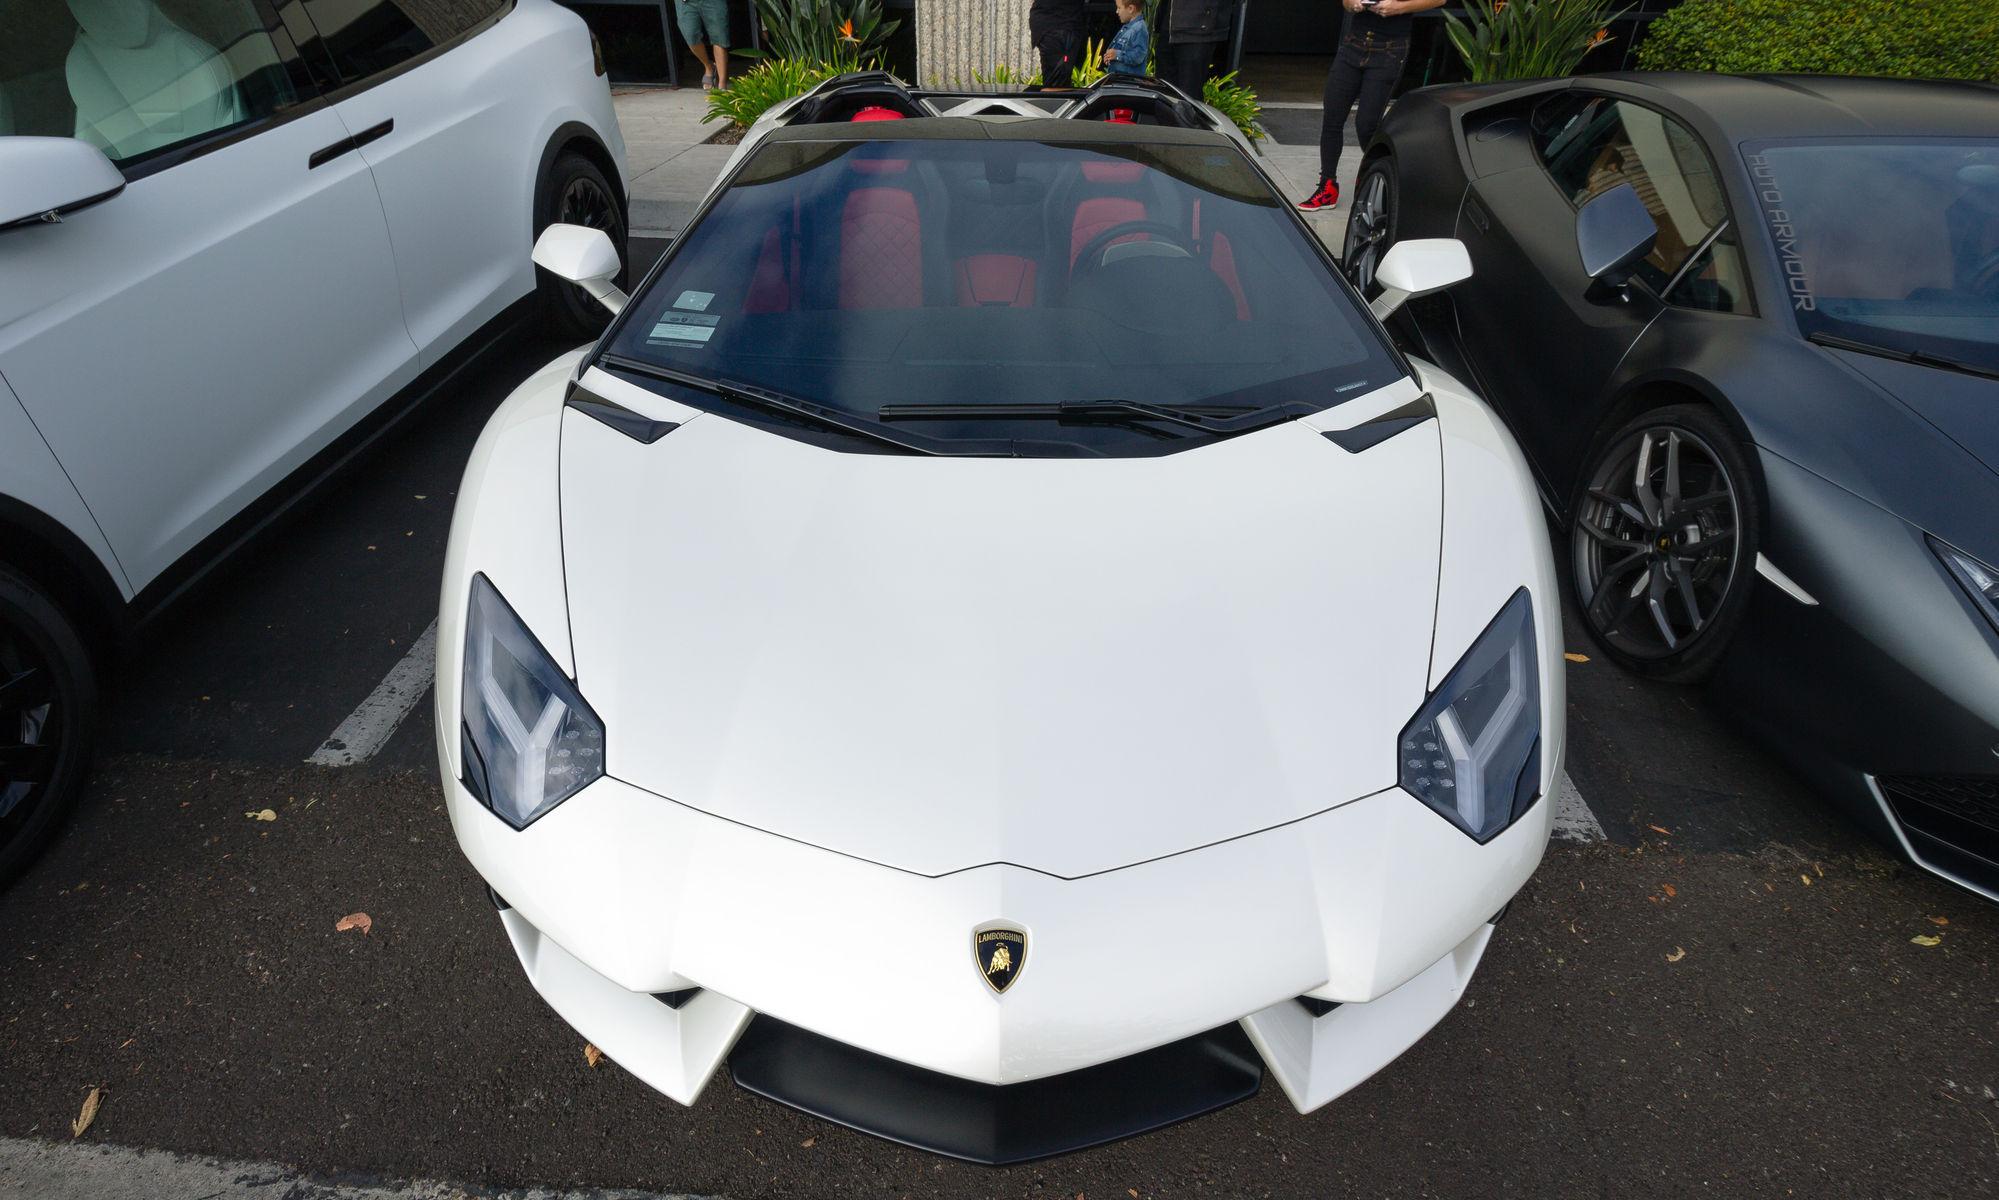 2016 Lamborghini Huracan | San Diego Cars & Coffee October 15th, 2016